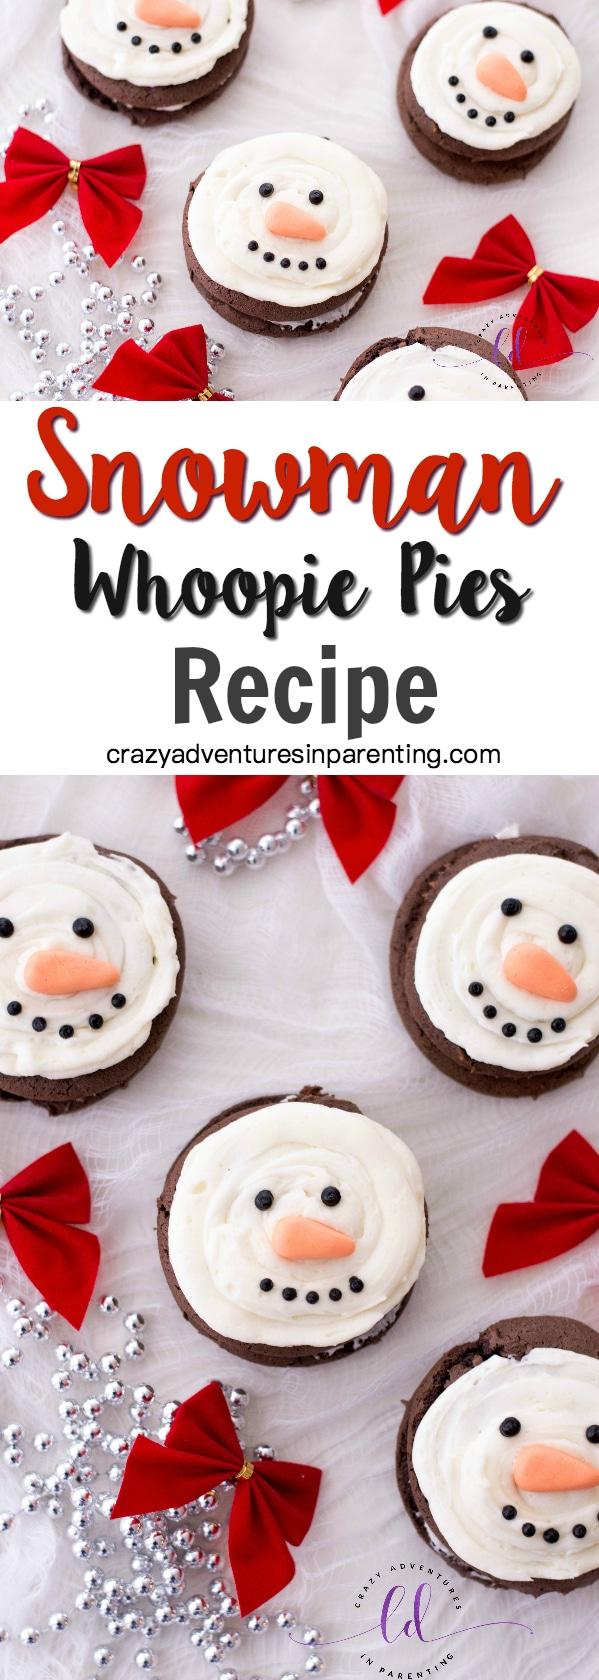 Snowman Whoopie Pies Recipe